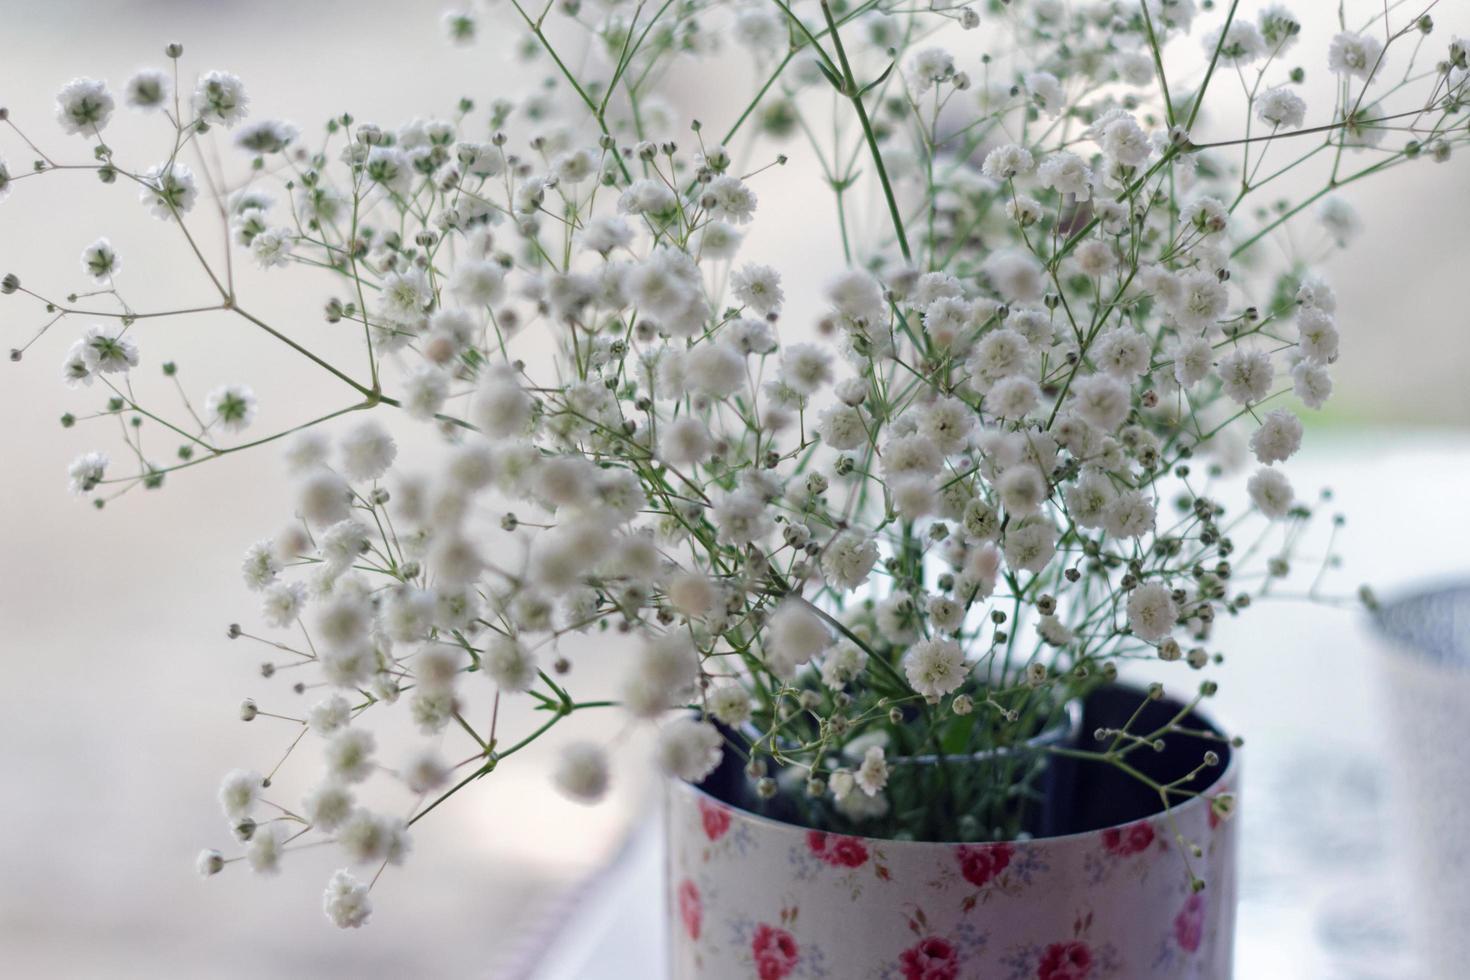 petites fleurs blanches souffle de bébé photo